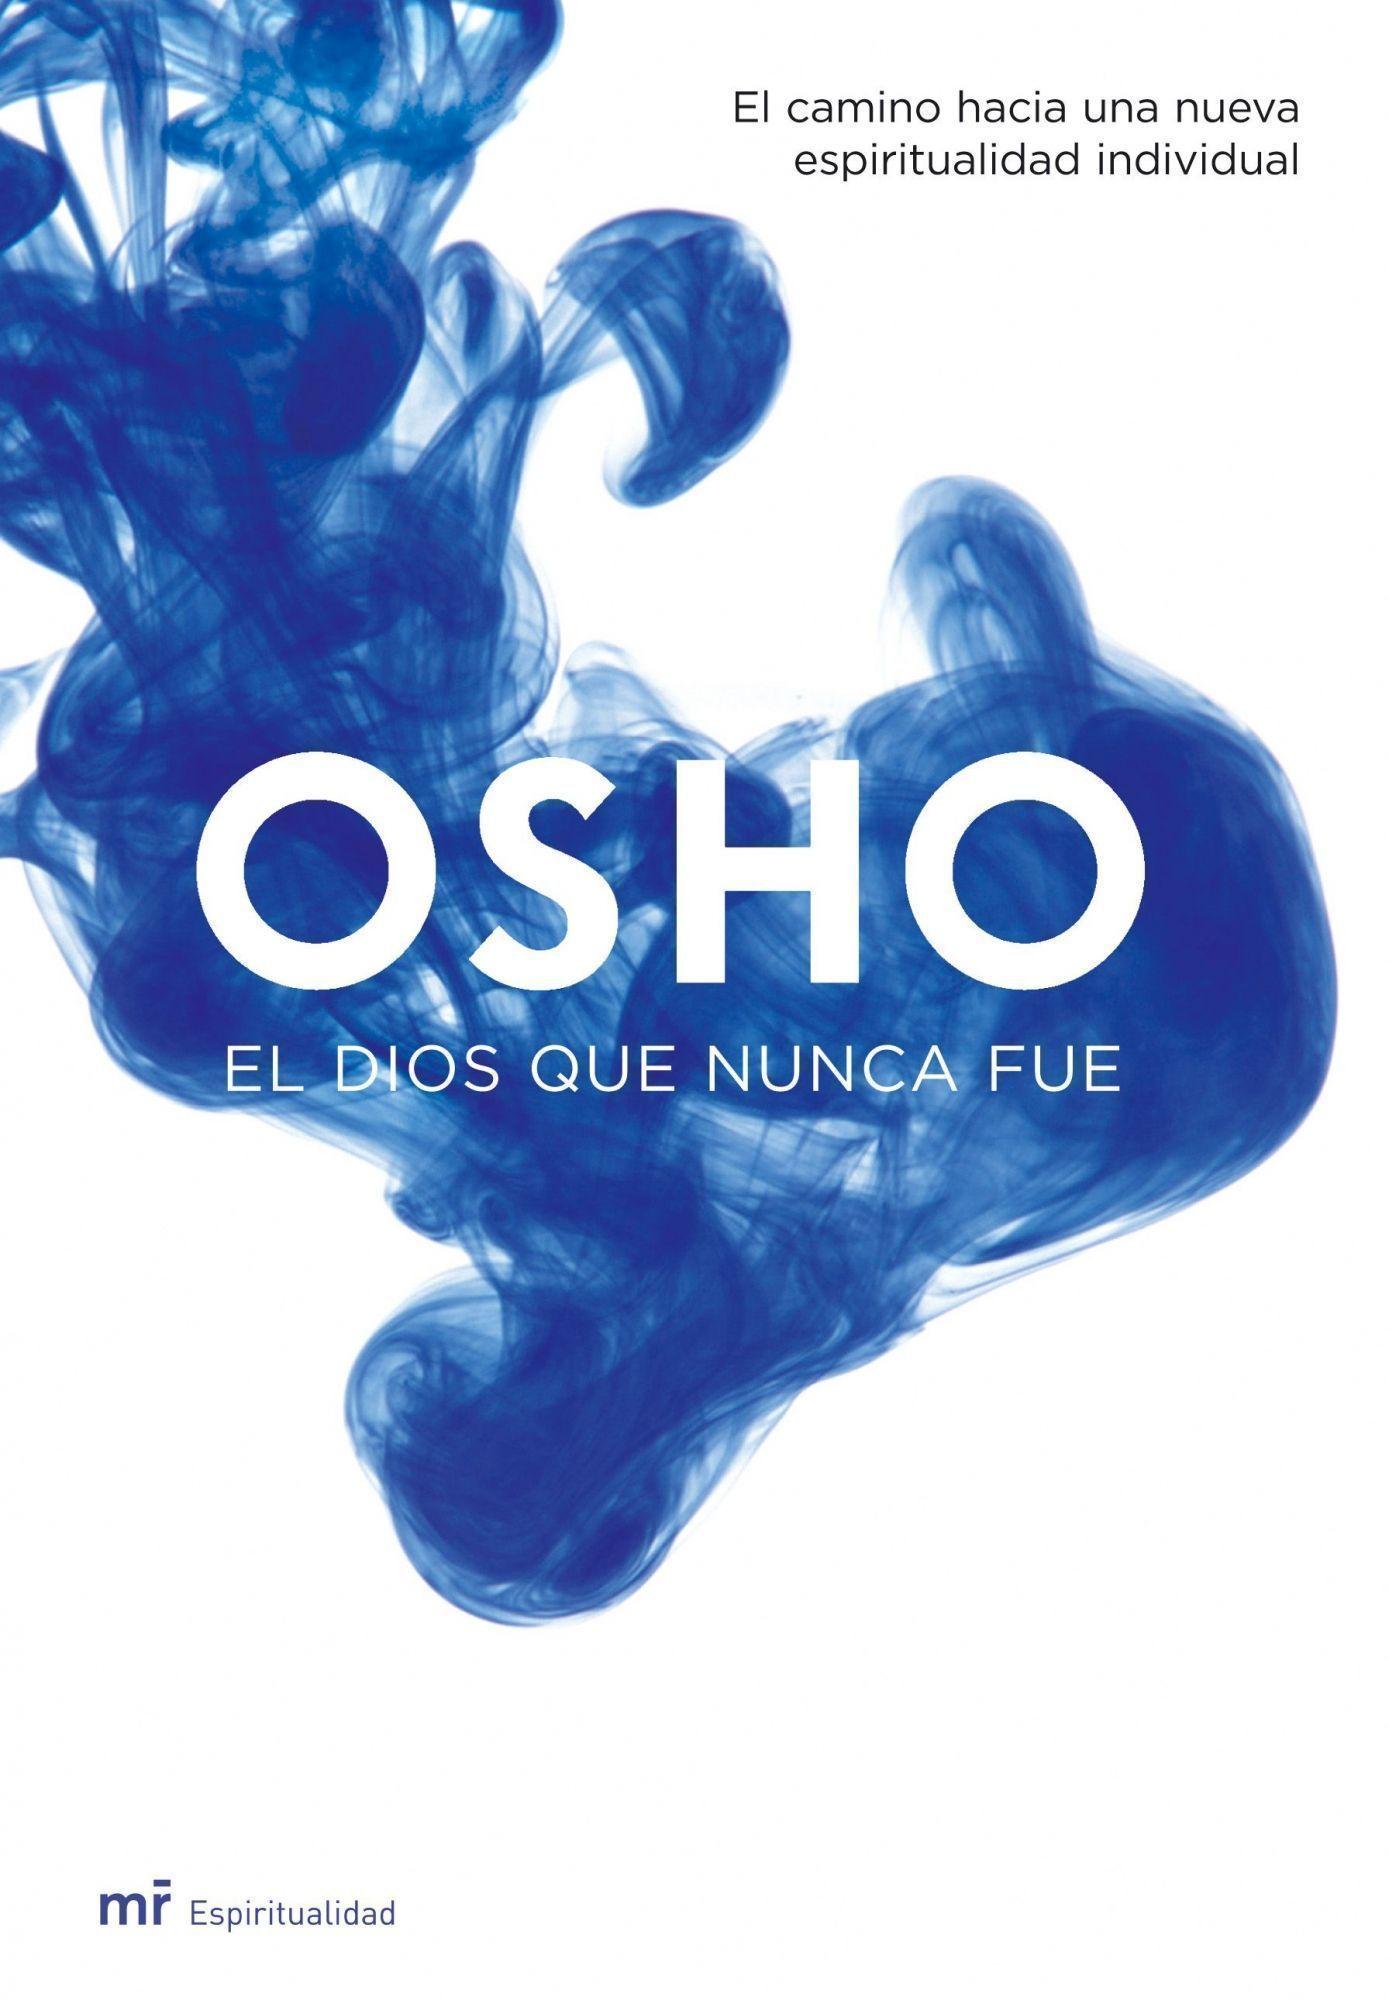 El Dios Que Nunca Fue: El Camino Hacia Una Nueva Espiritualidad por Osho